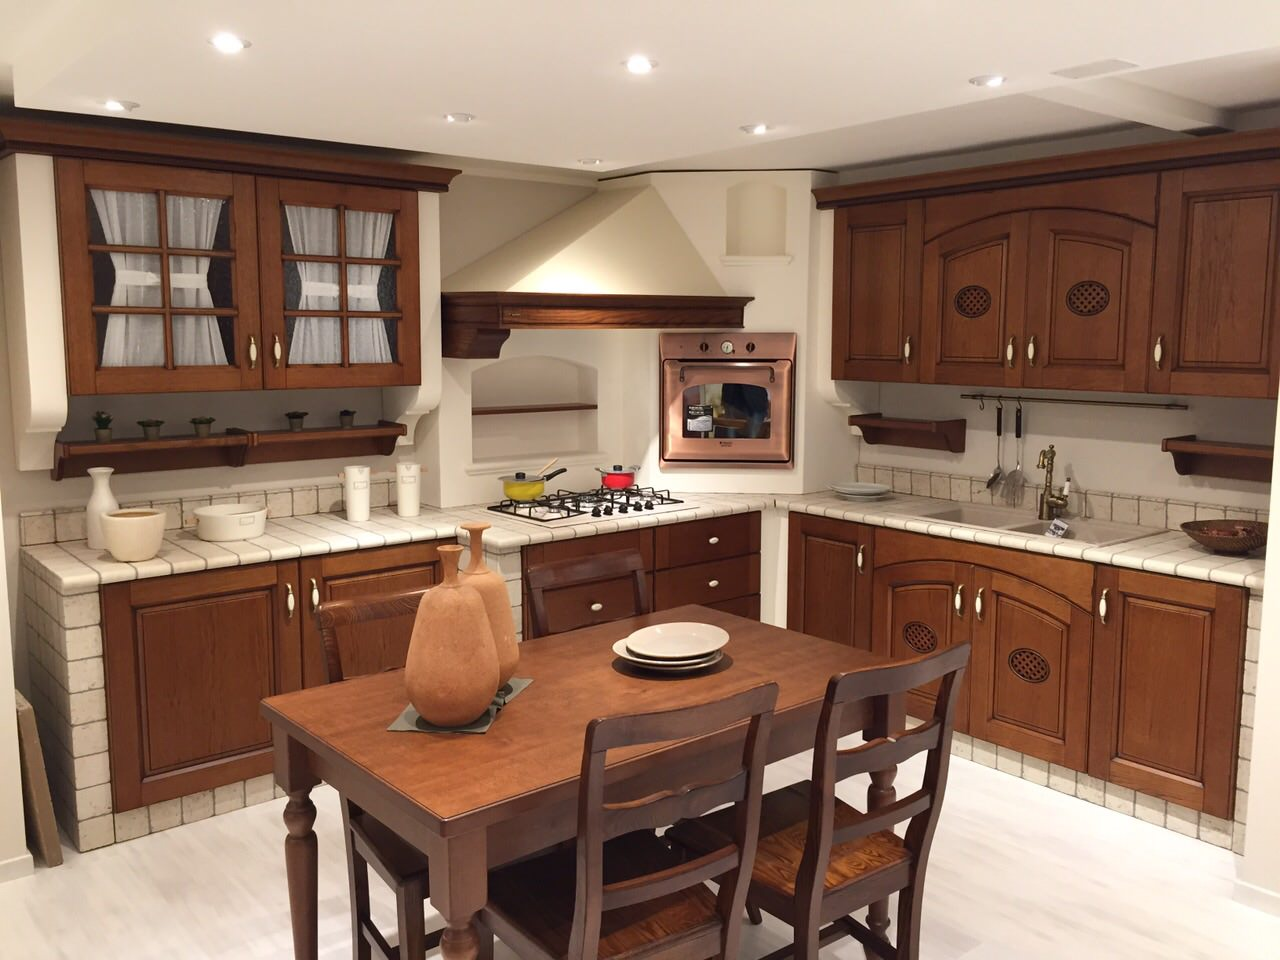 Cucina in muratura completa di elettrodomestici e tavolo e sedie ...